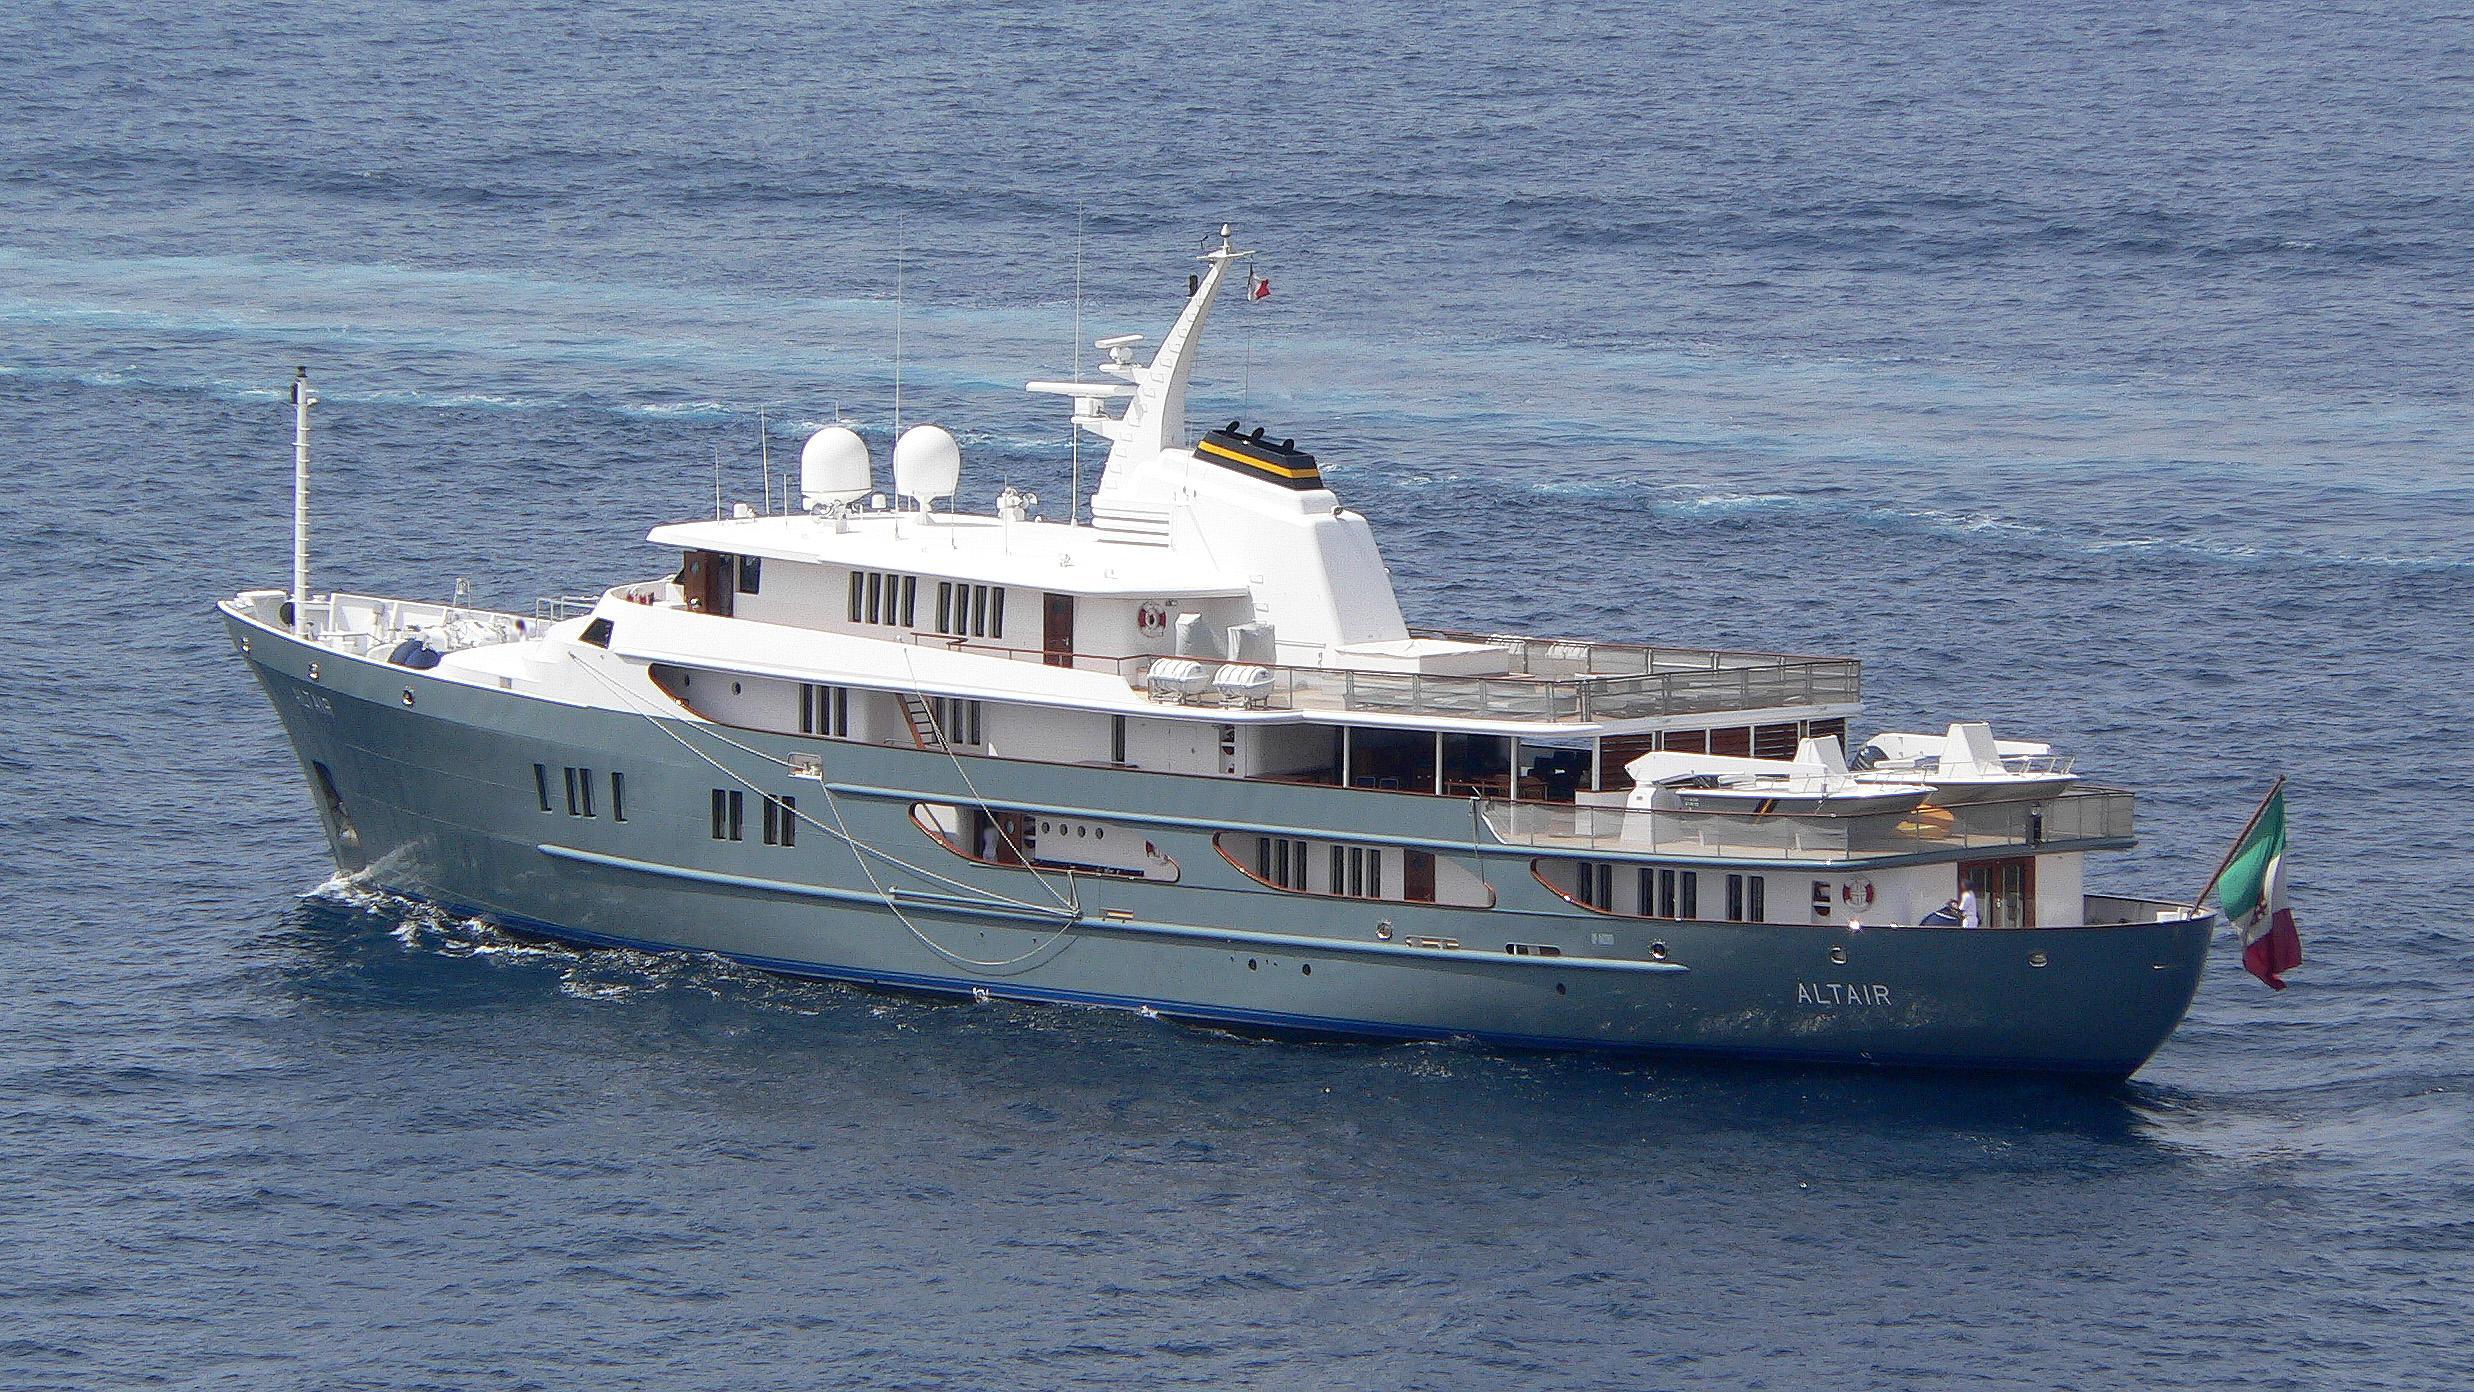 altair-explorer-yacht-amels-1974-59m-half-profile